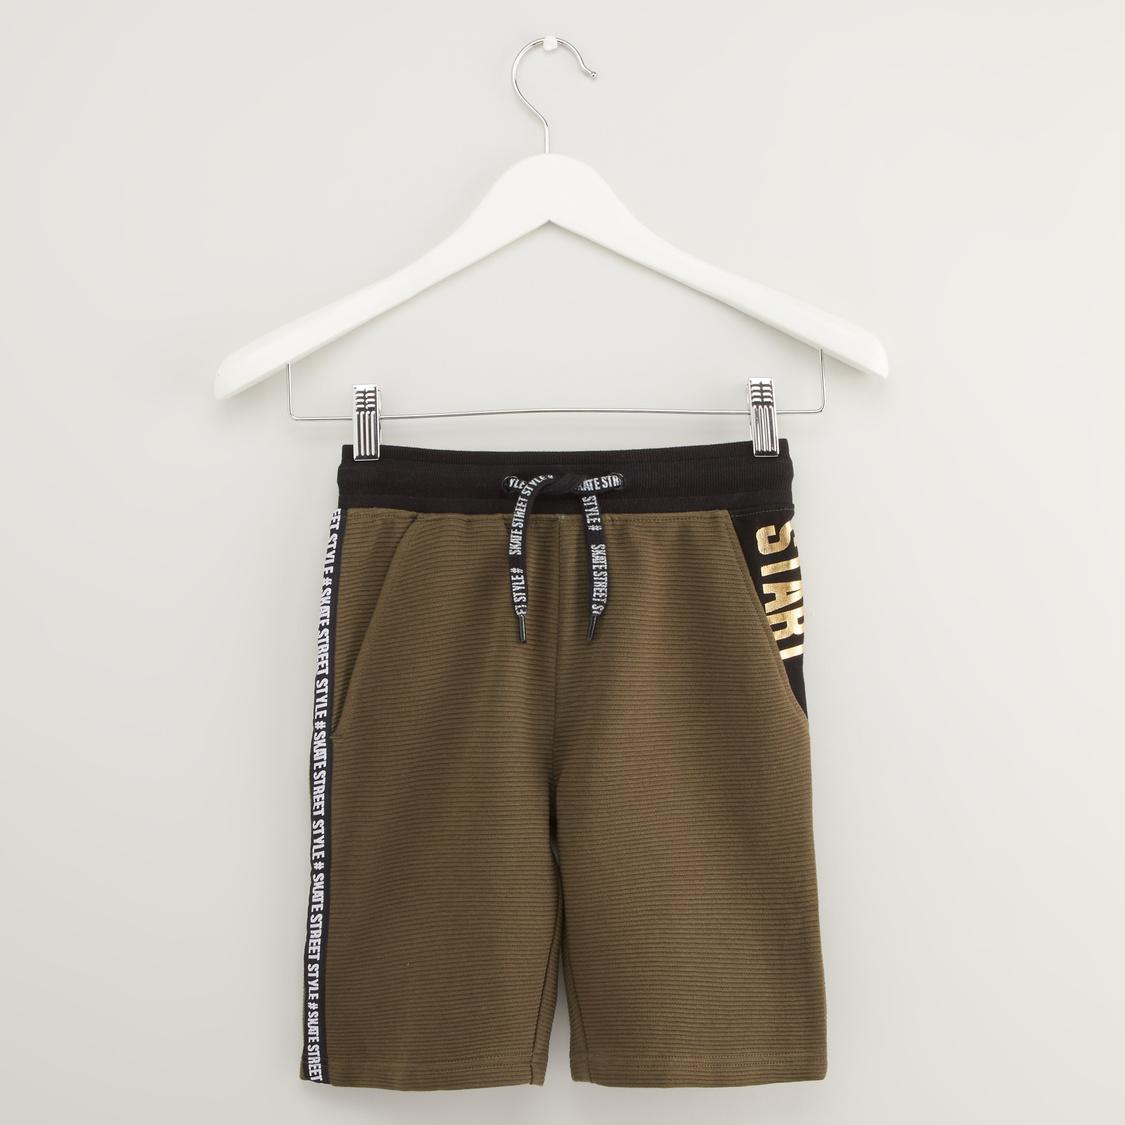 Printed Shorts with Pocket Detail and Drawstring